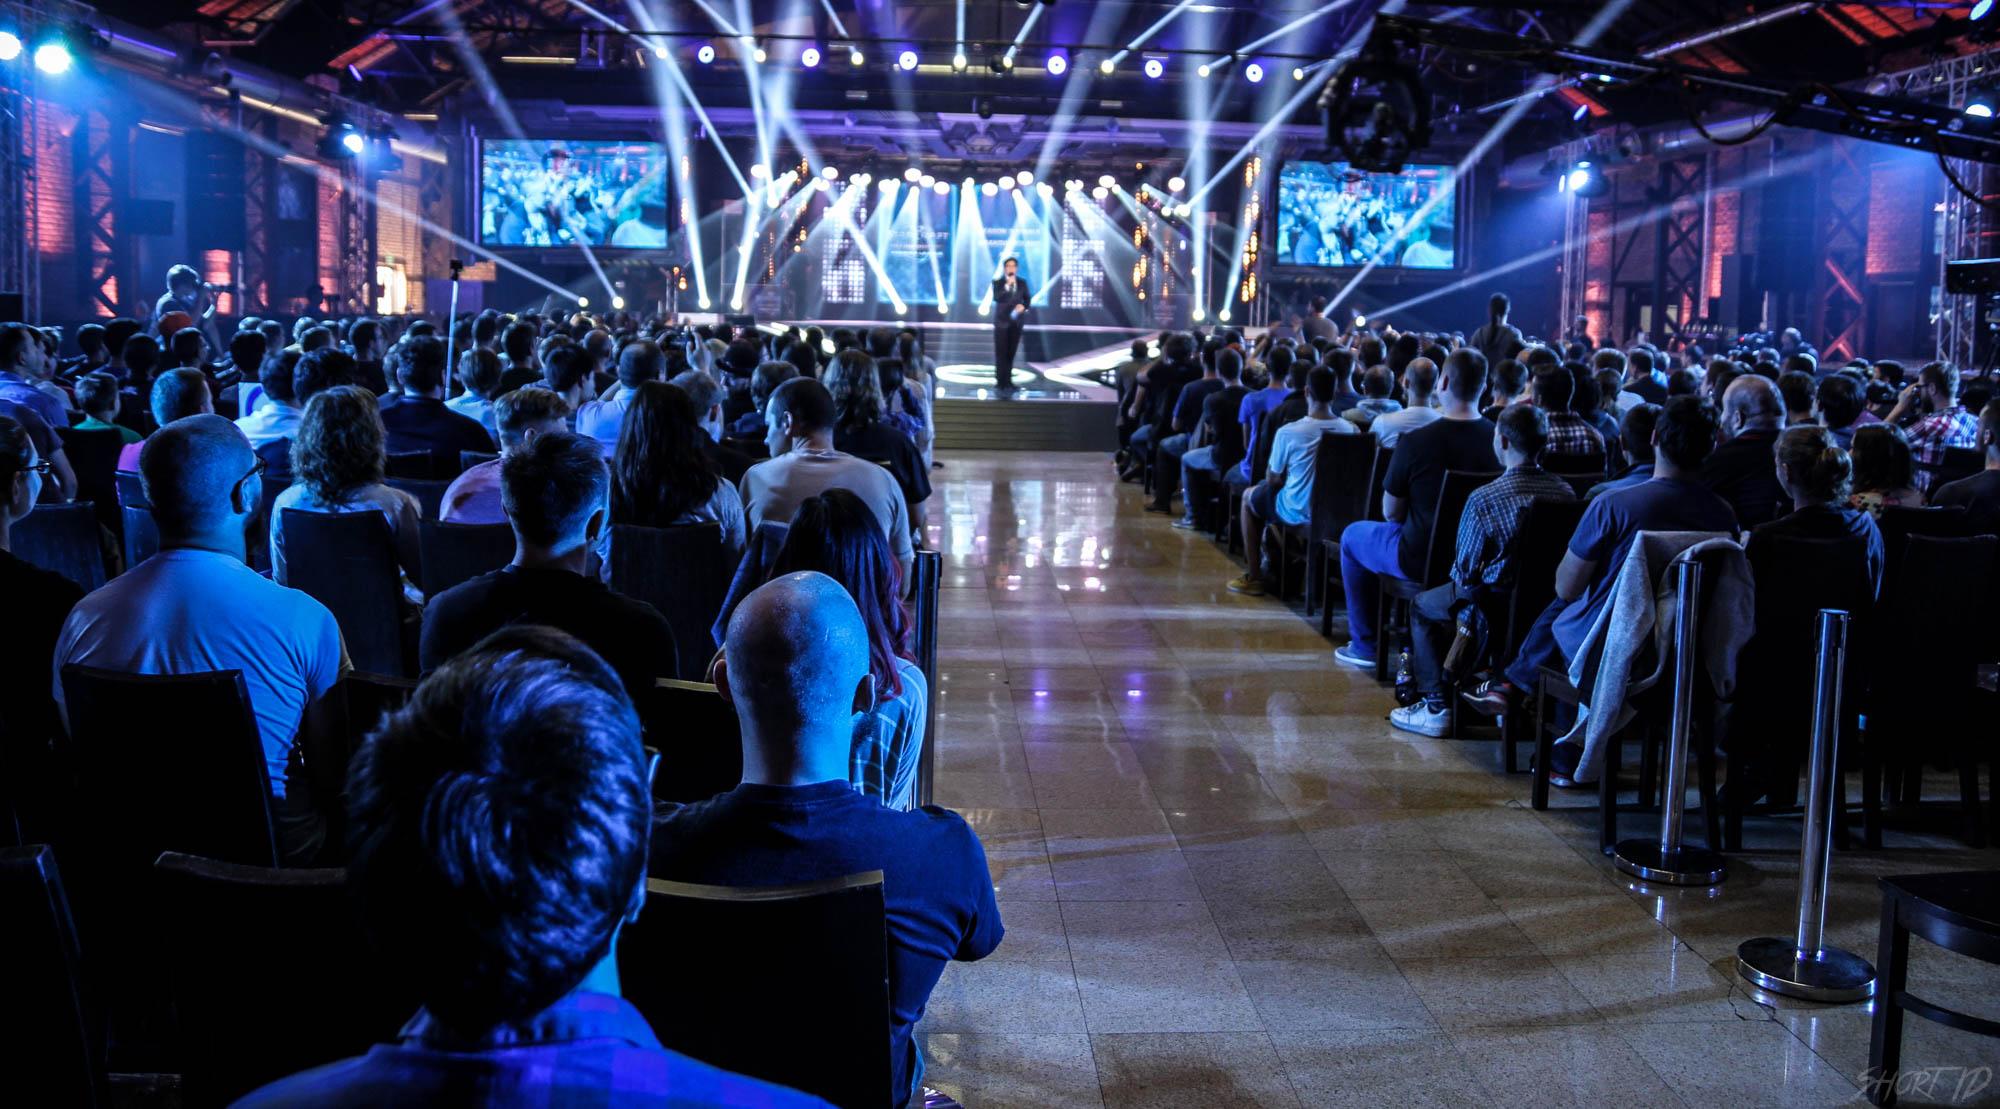 WCS Saison 3 - Ceremonie d'ouverture